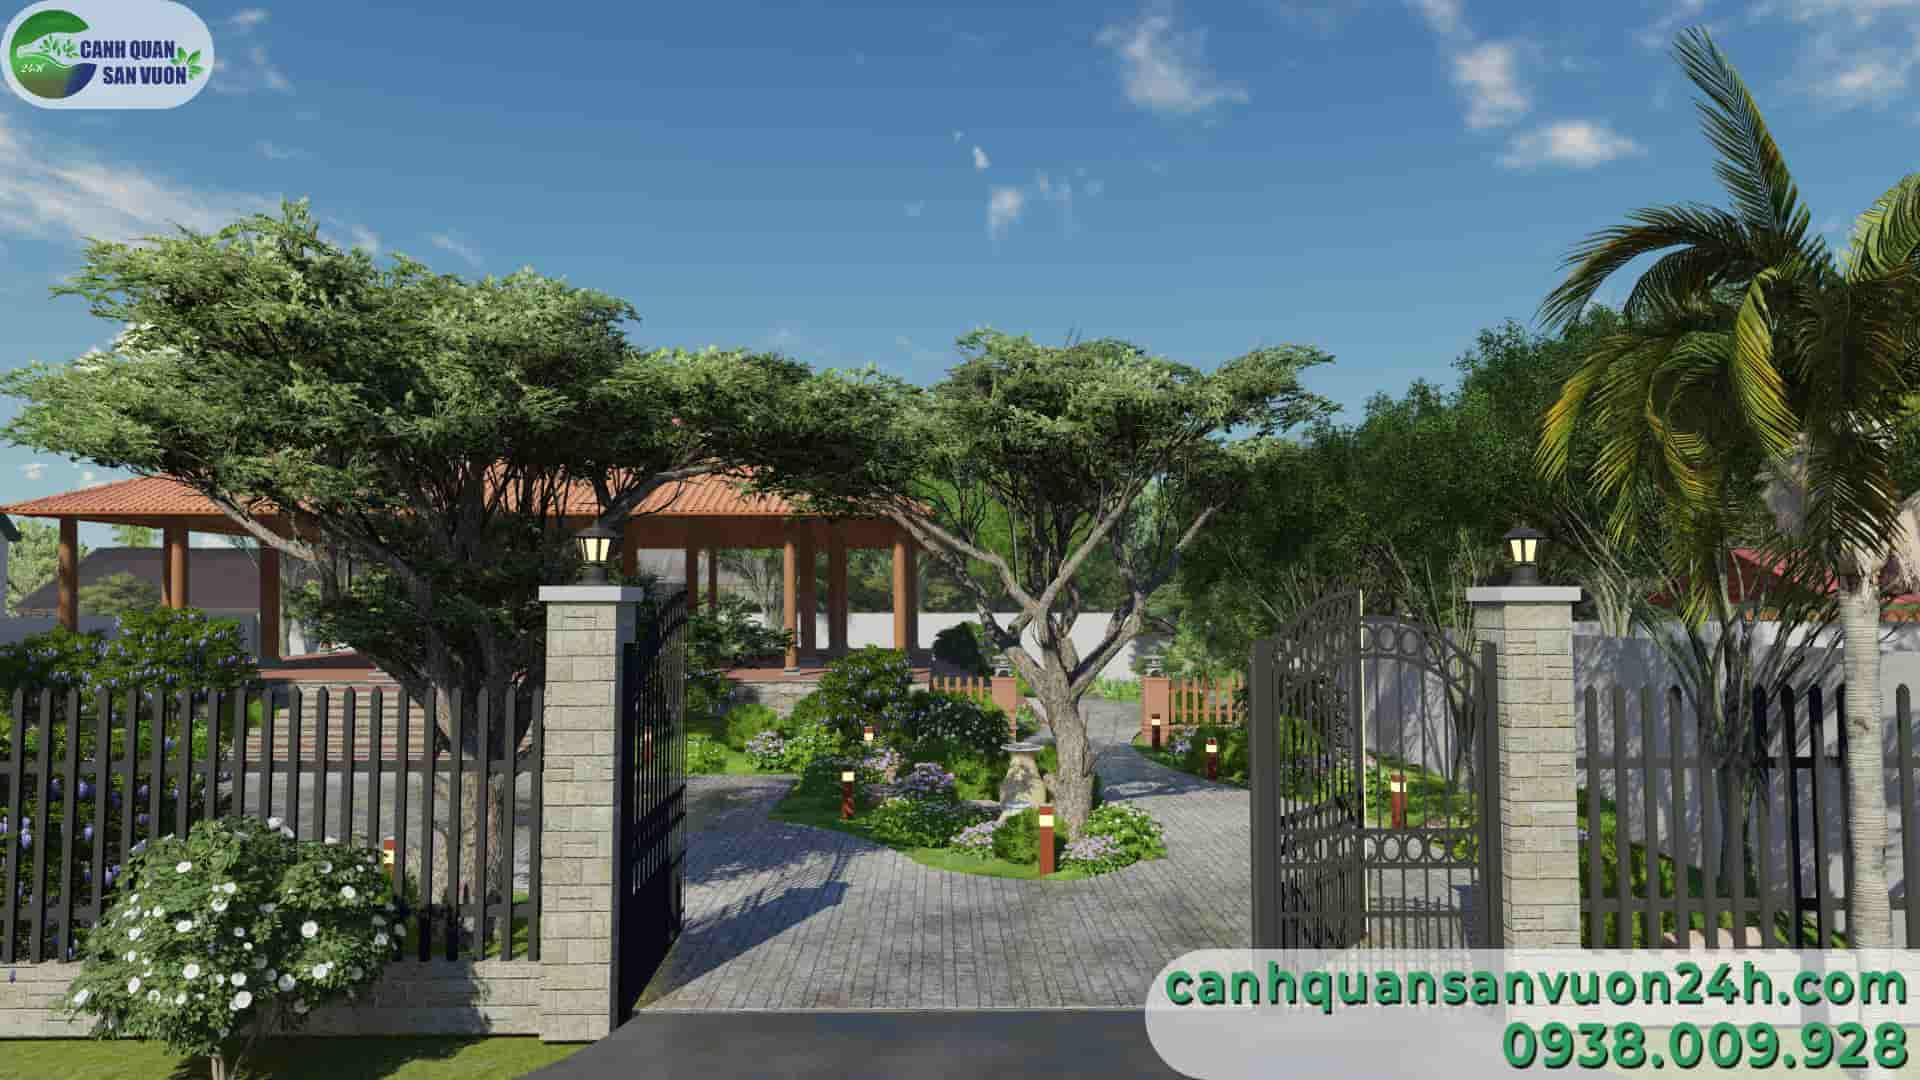 trực diện cổng dự án thiết kế sân vườn